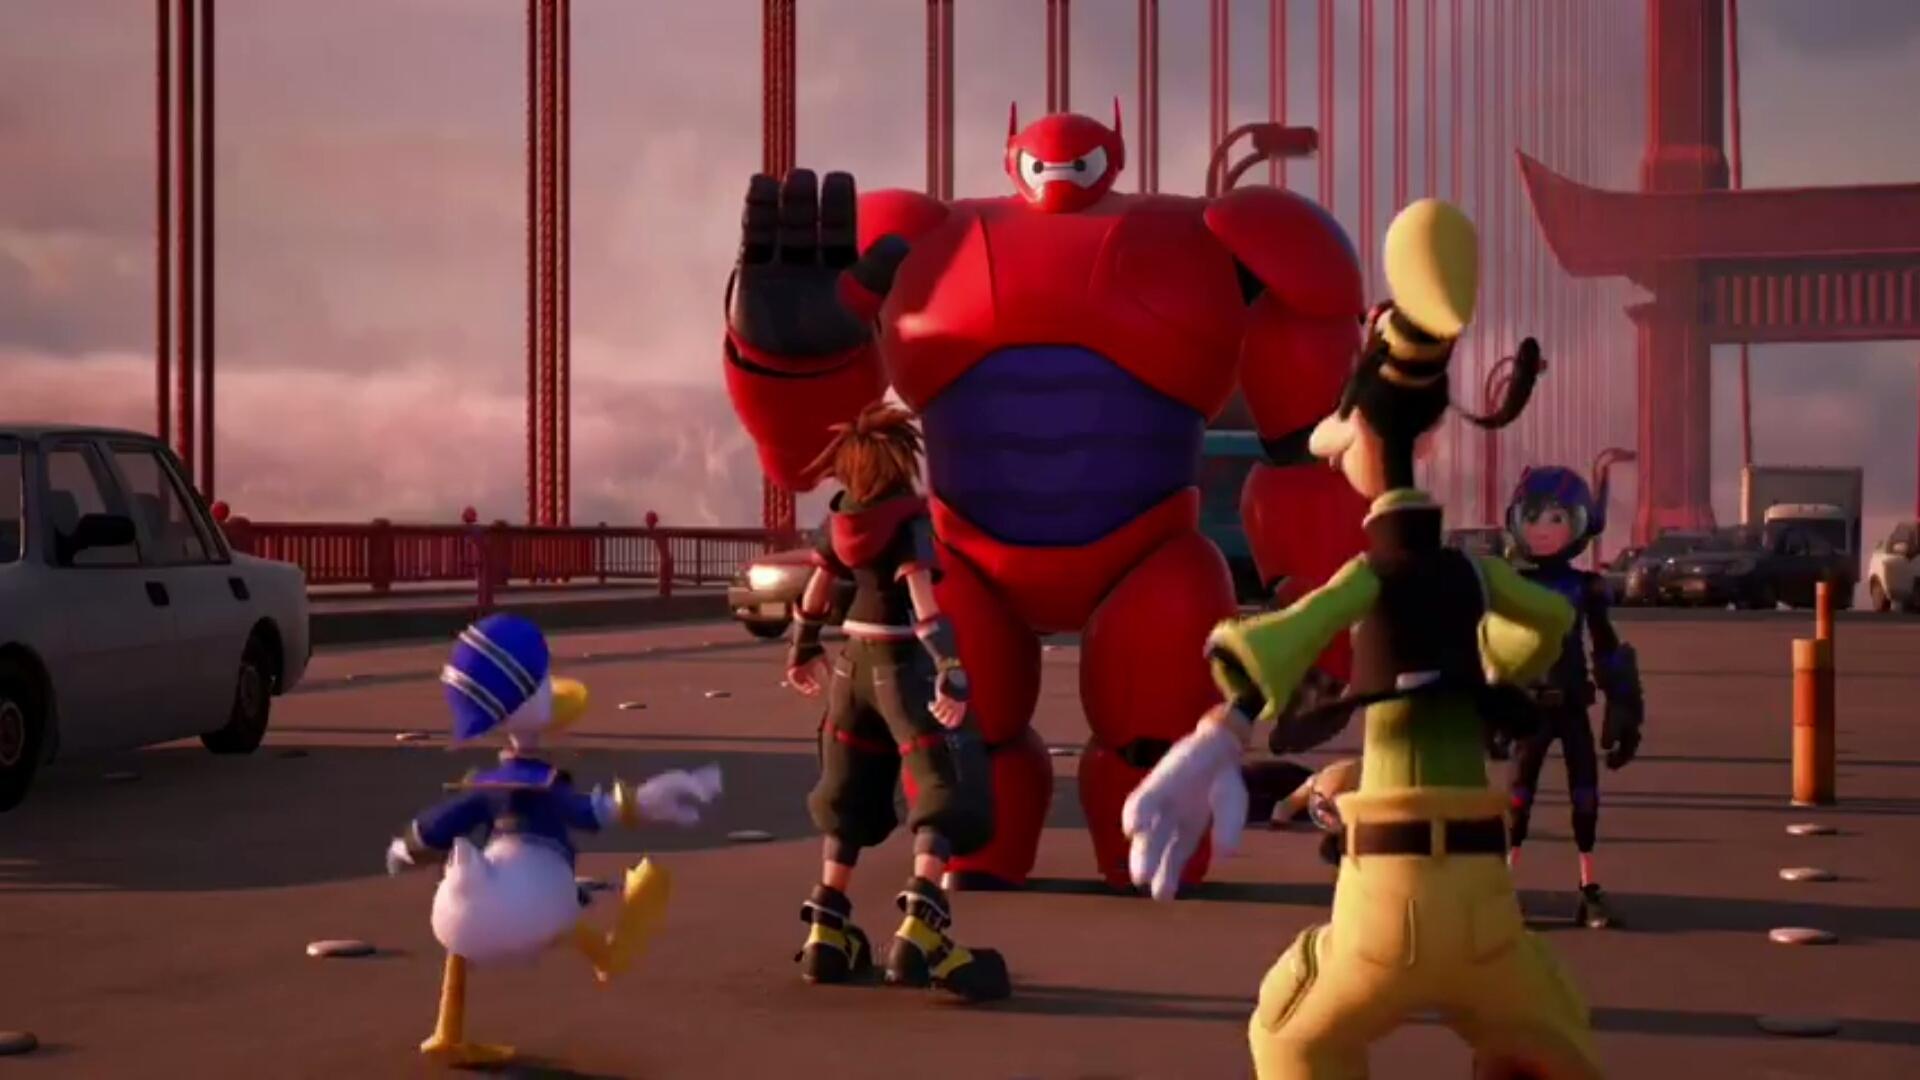 kingdom hearts iii big hero 6 2